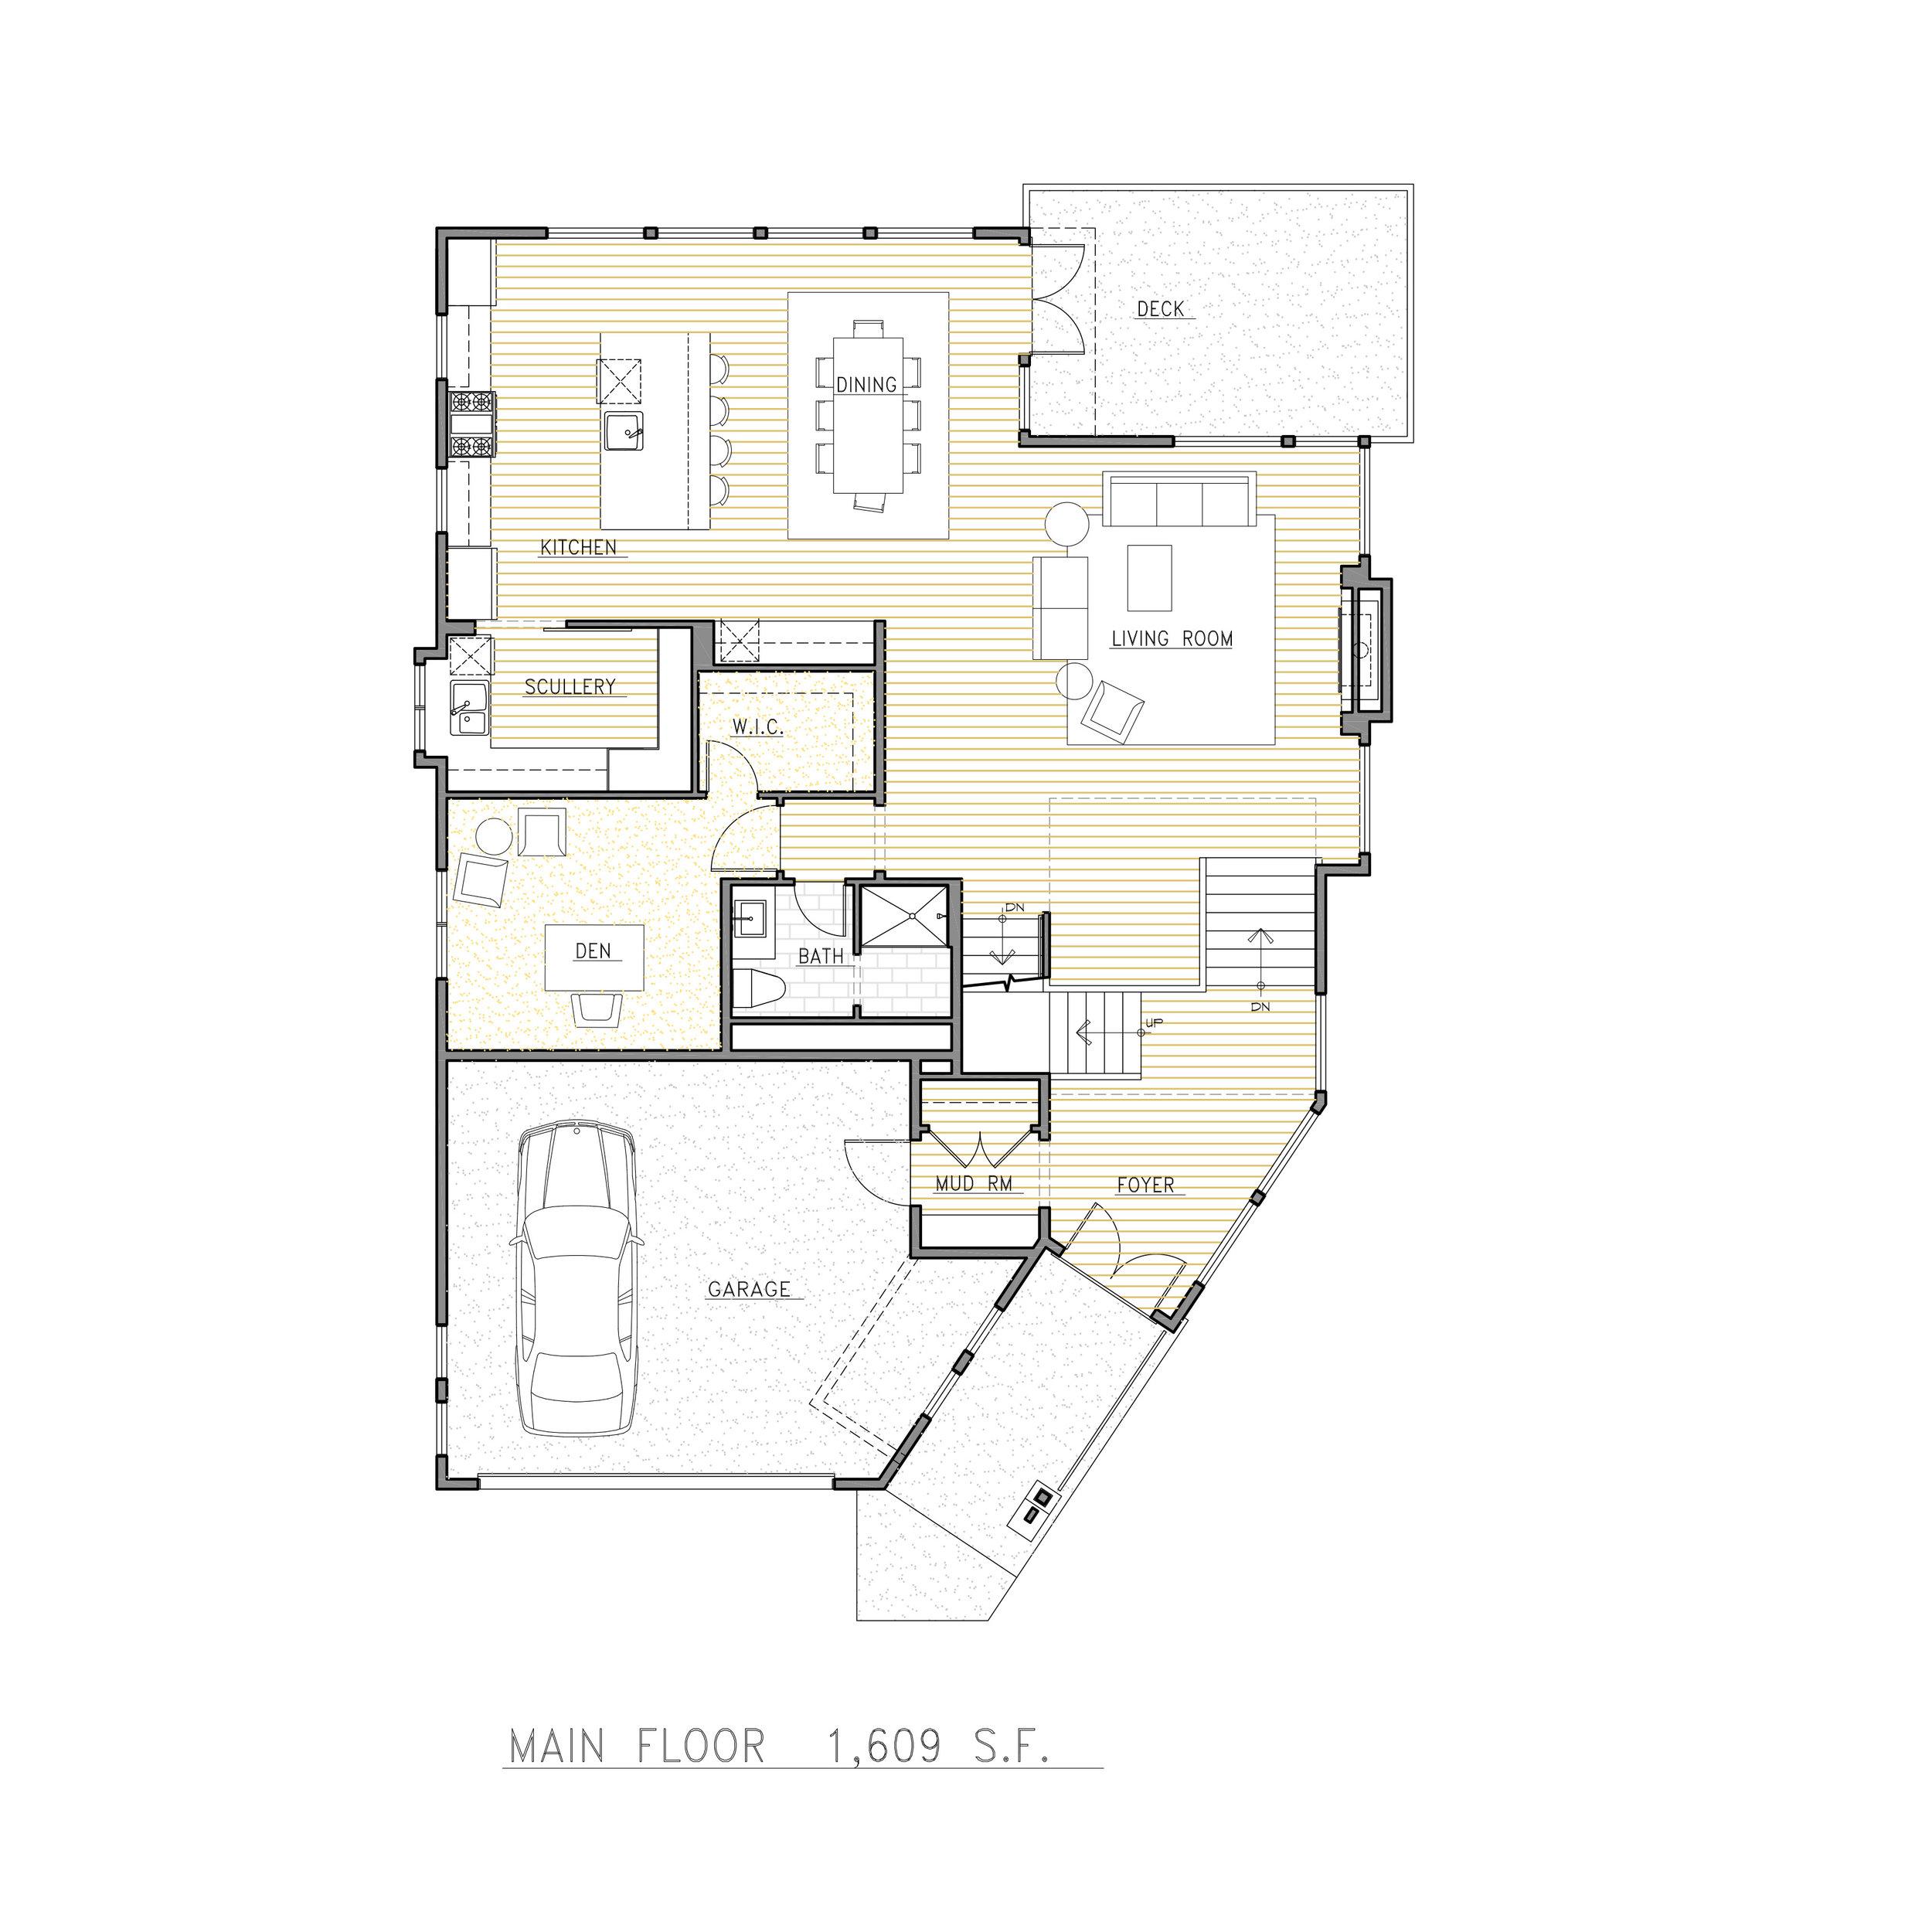 Lot 5 Mrtg Floor Plans Denny Ridge (1)-1.jpg